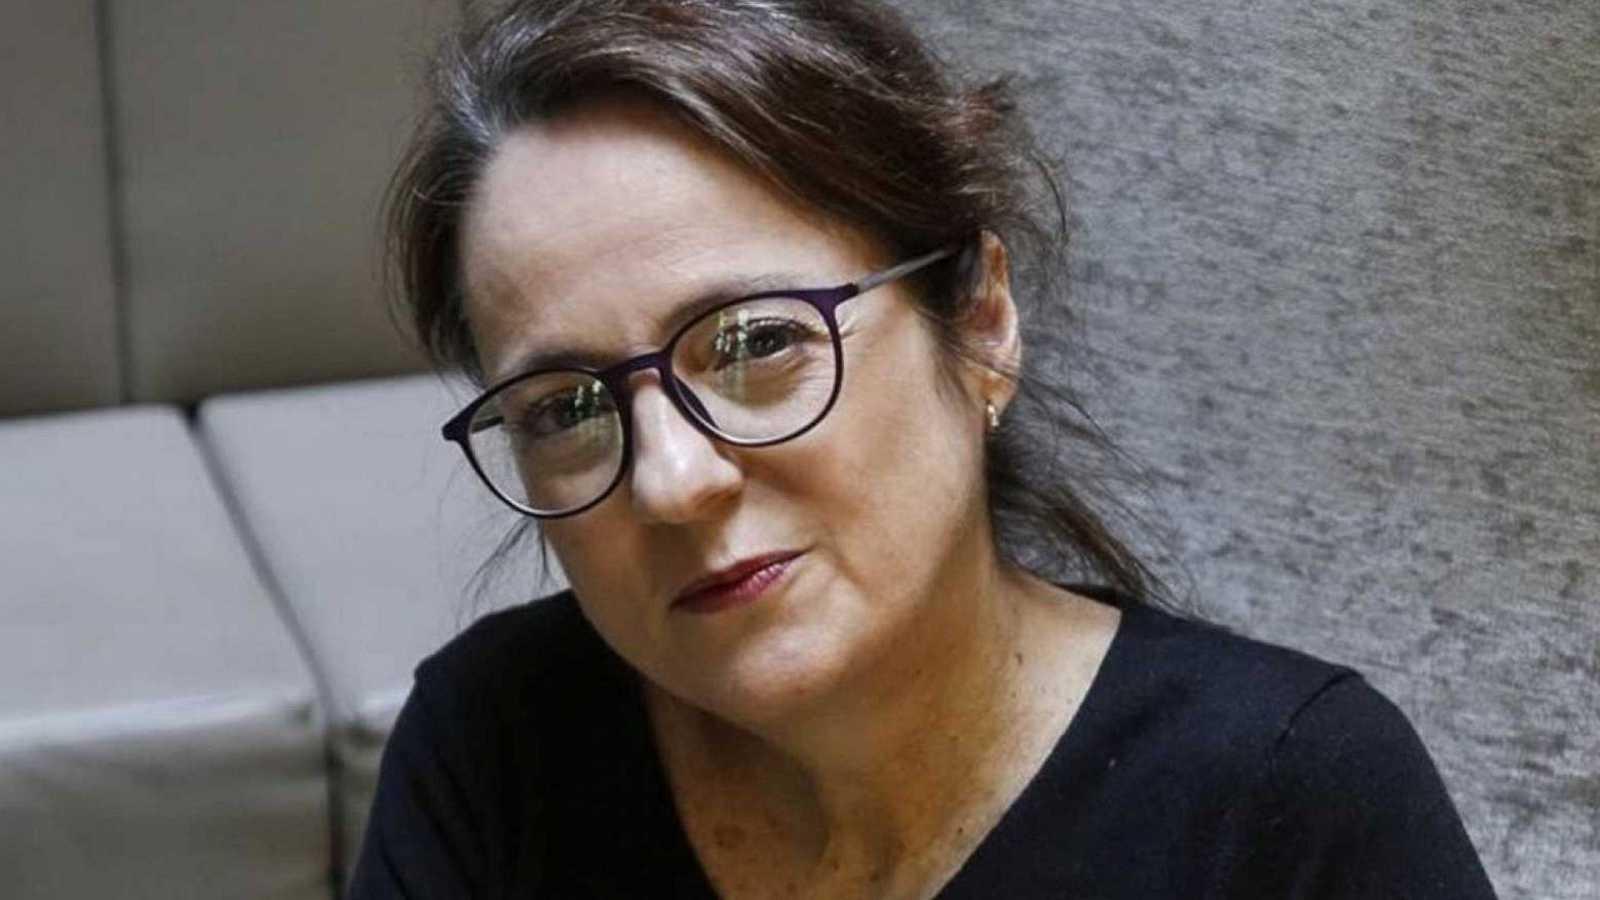 El ojo crítico - 'pequeñas mujeres rojas', una novela negra de Marta Sanz - Escuchar ahora